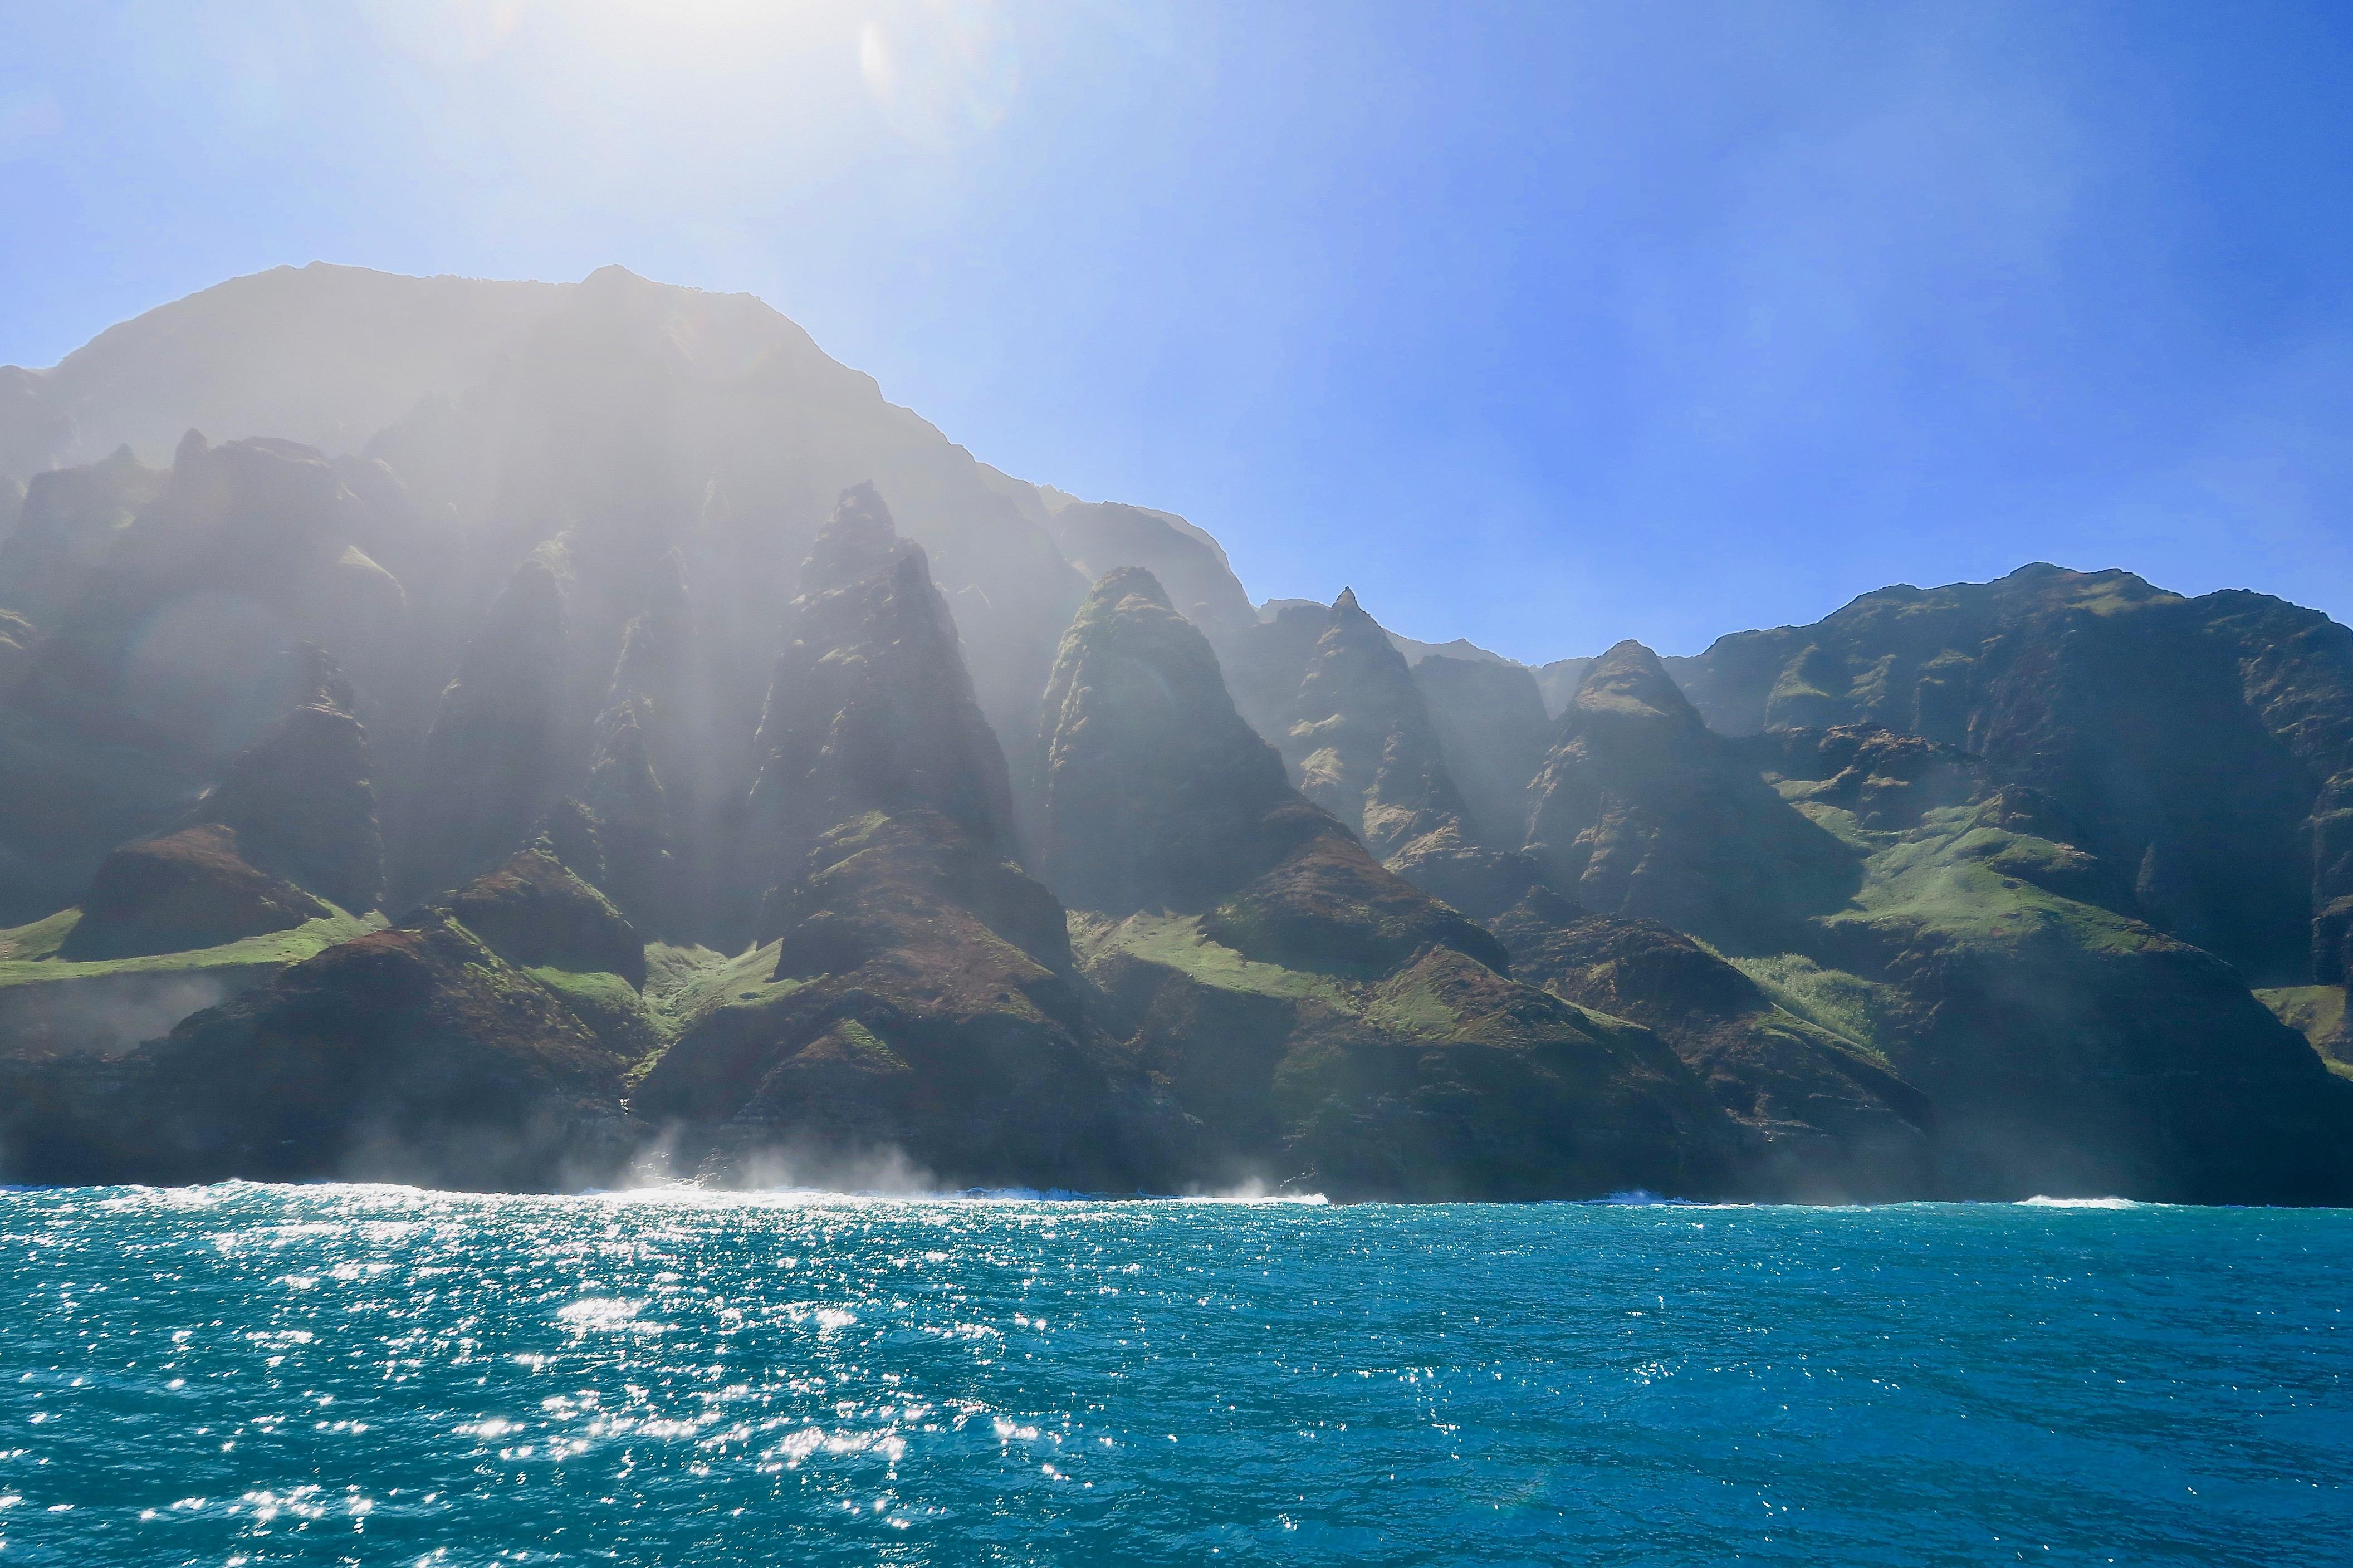 na-pali-coast-jagged-mountains-kauai